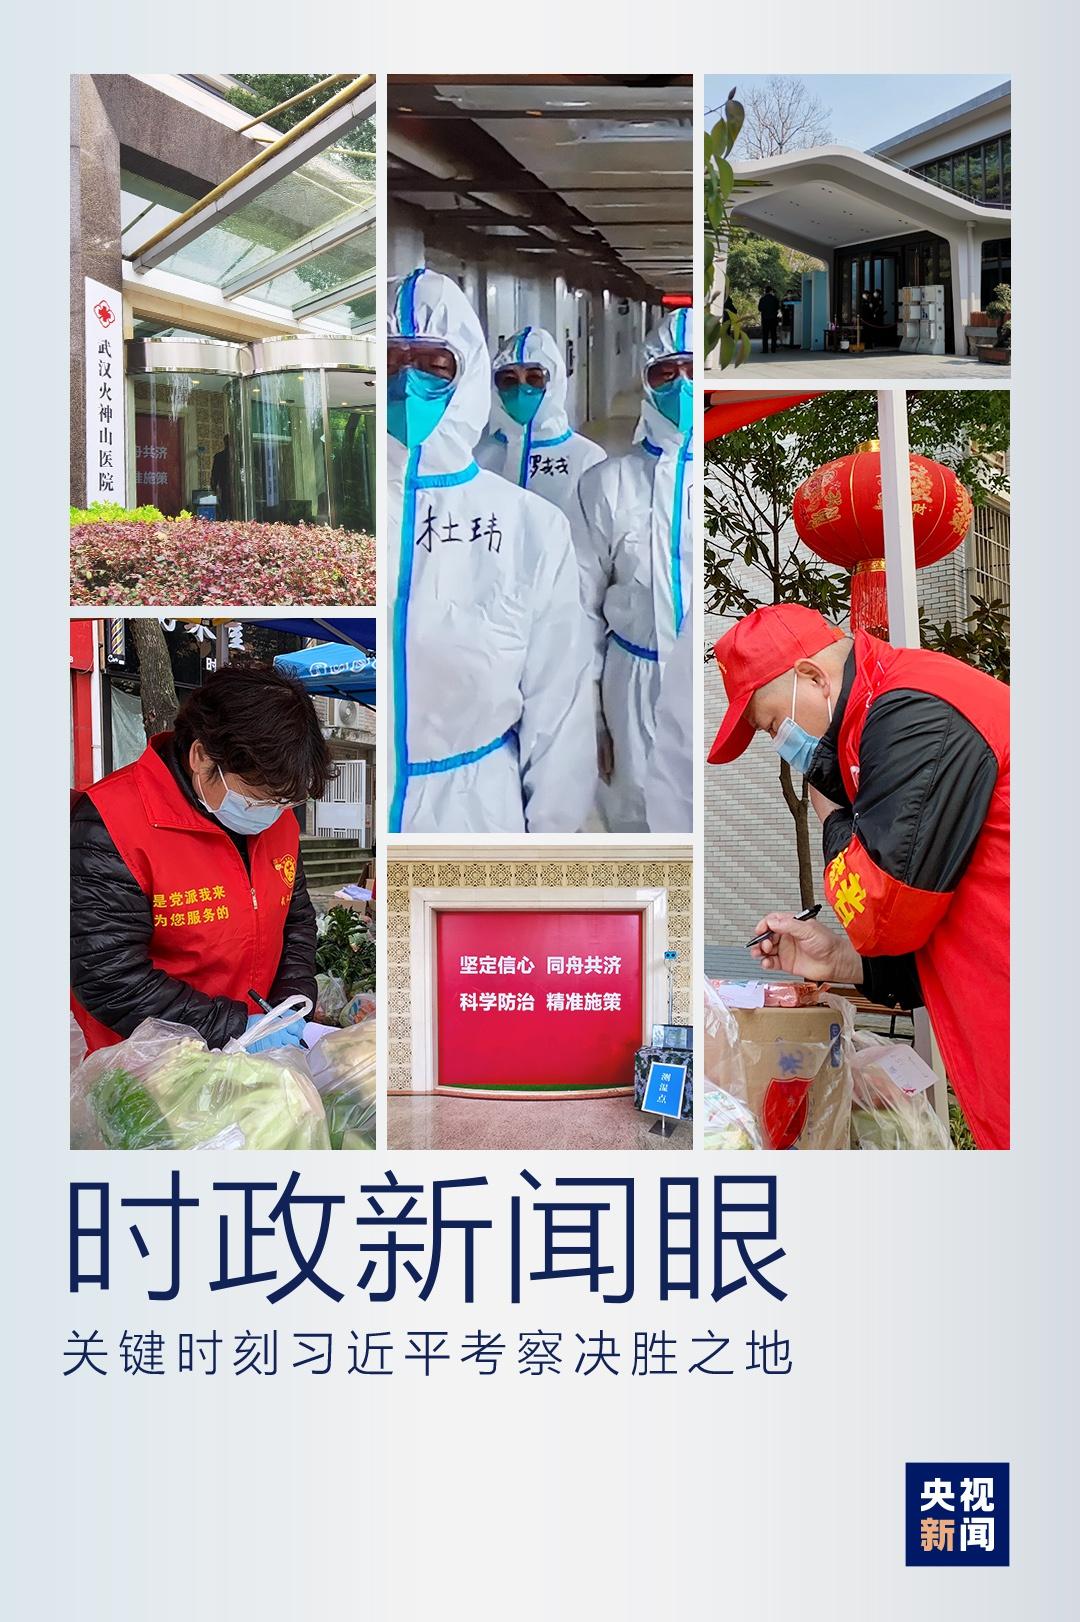 习近平赴武汉考察,传递哪些鲜明信号?图片